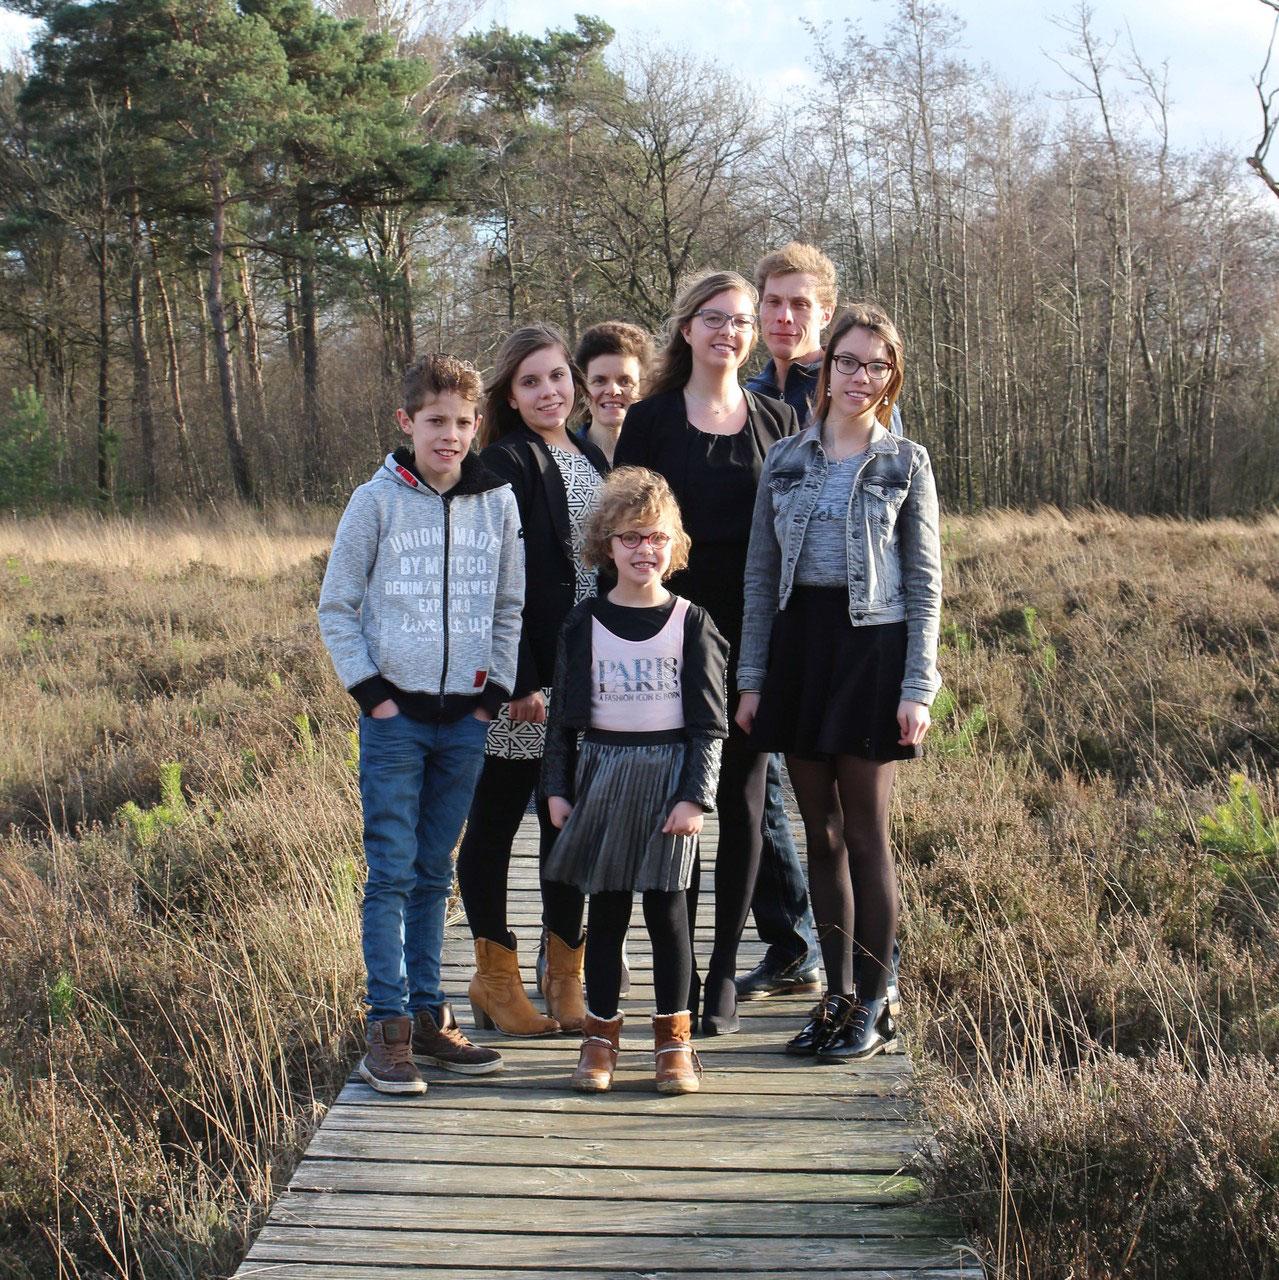 Familie Van Hoef  Fotograaf Peter  Jouw moment